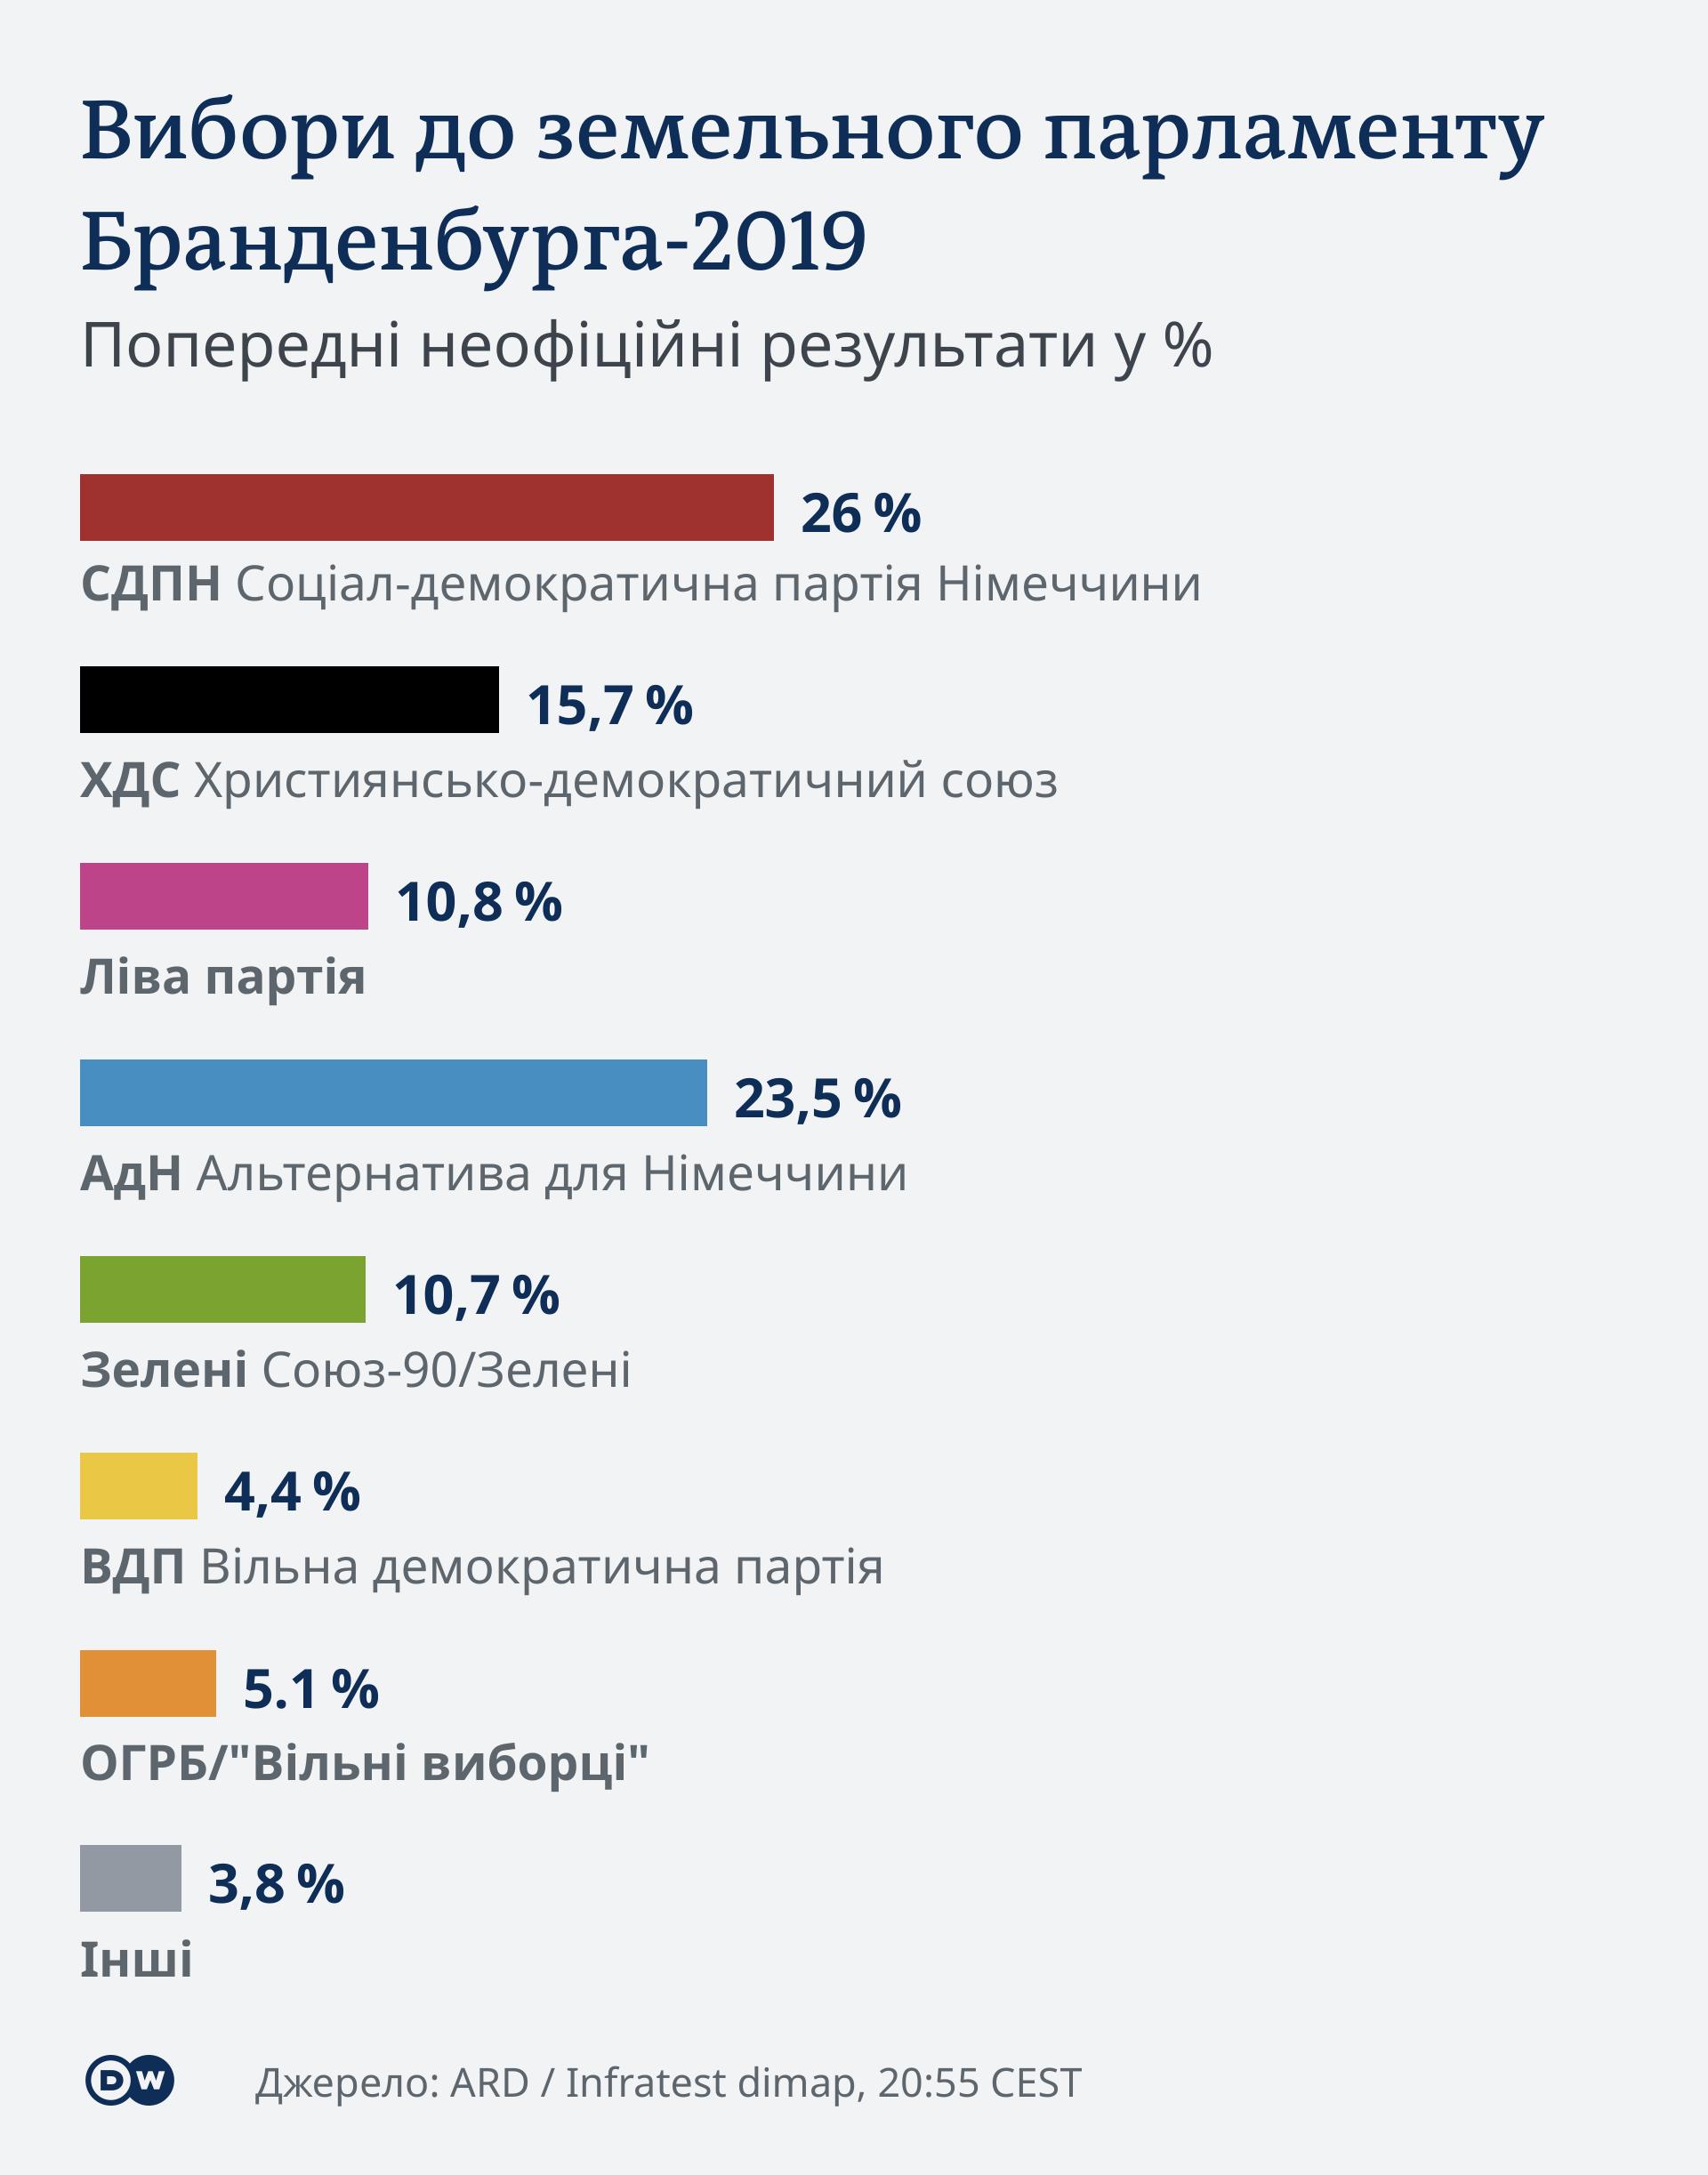 інфографіка, земельні вибори у Бранденбургу, попередні результати